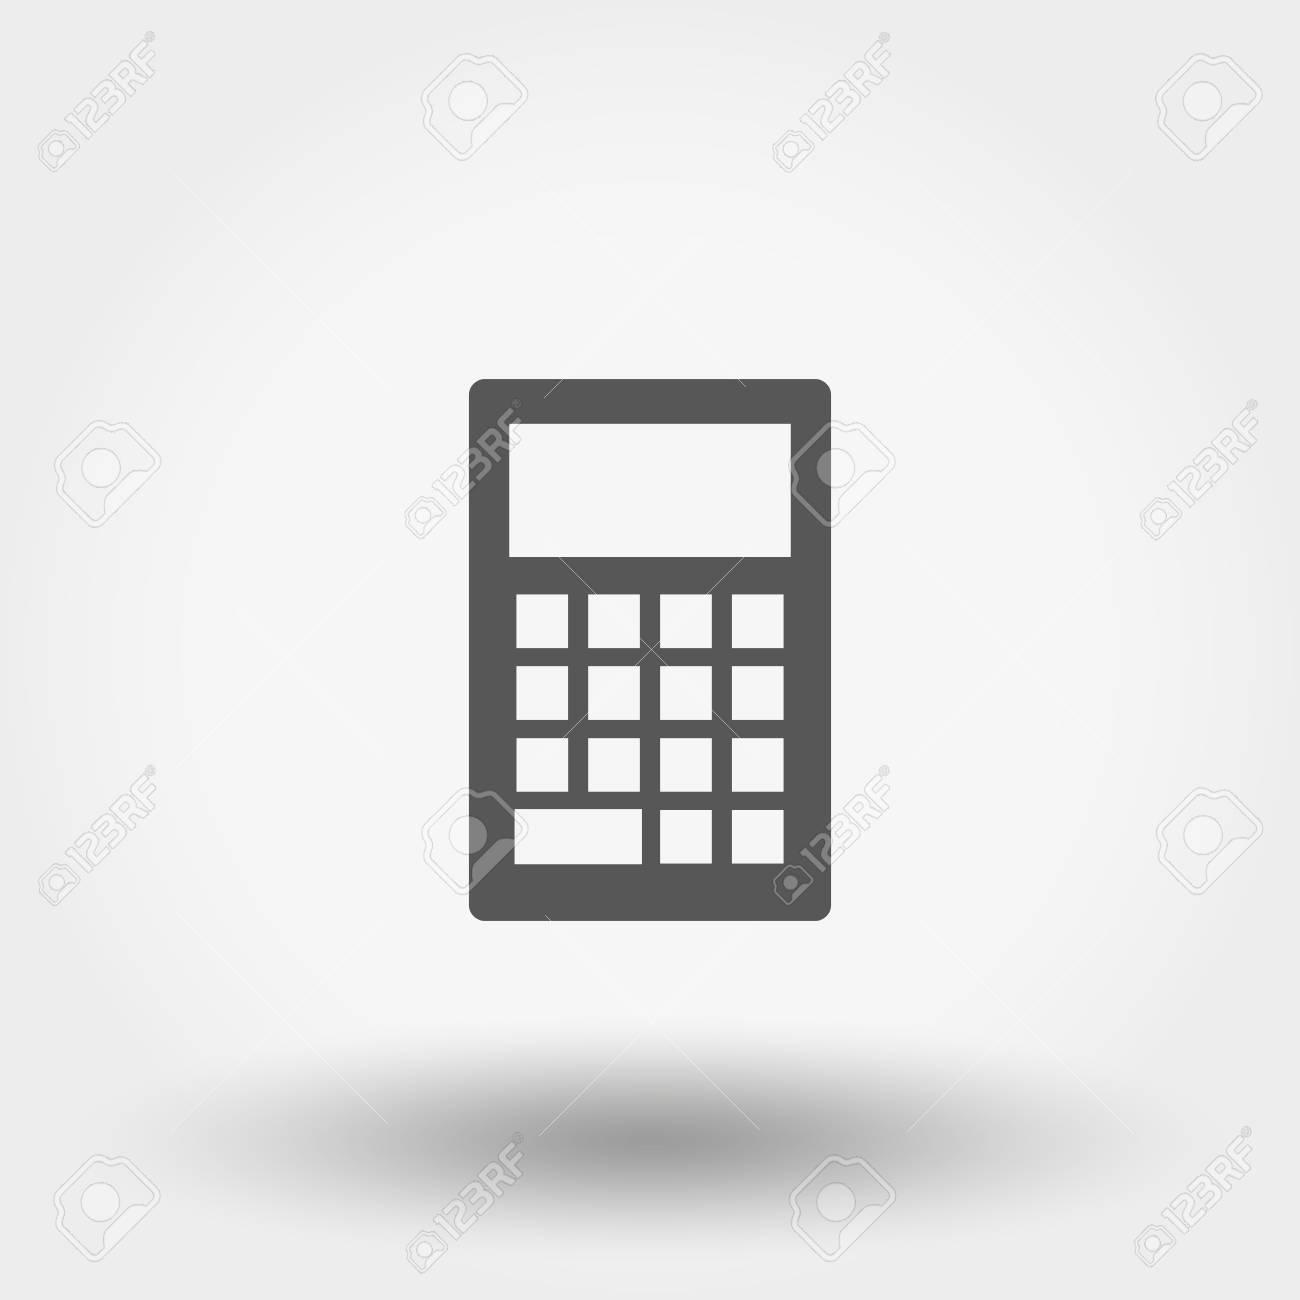 Taschenrechner Icon Für Web Und Mobile Anwendung